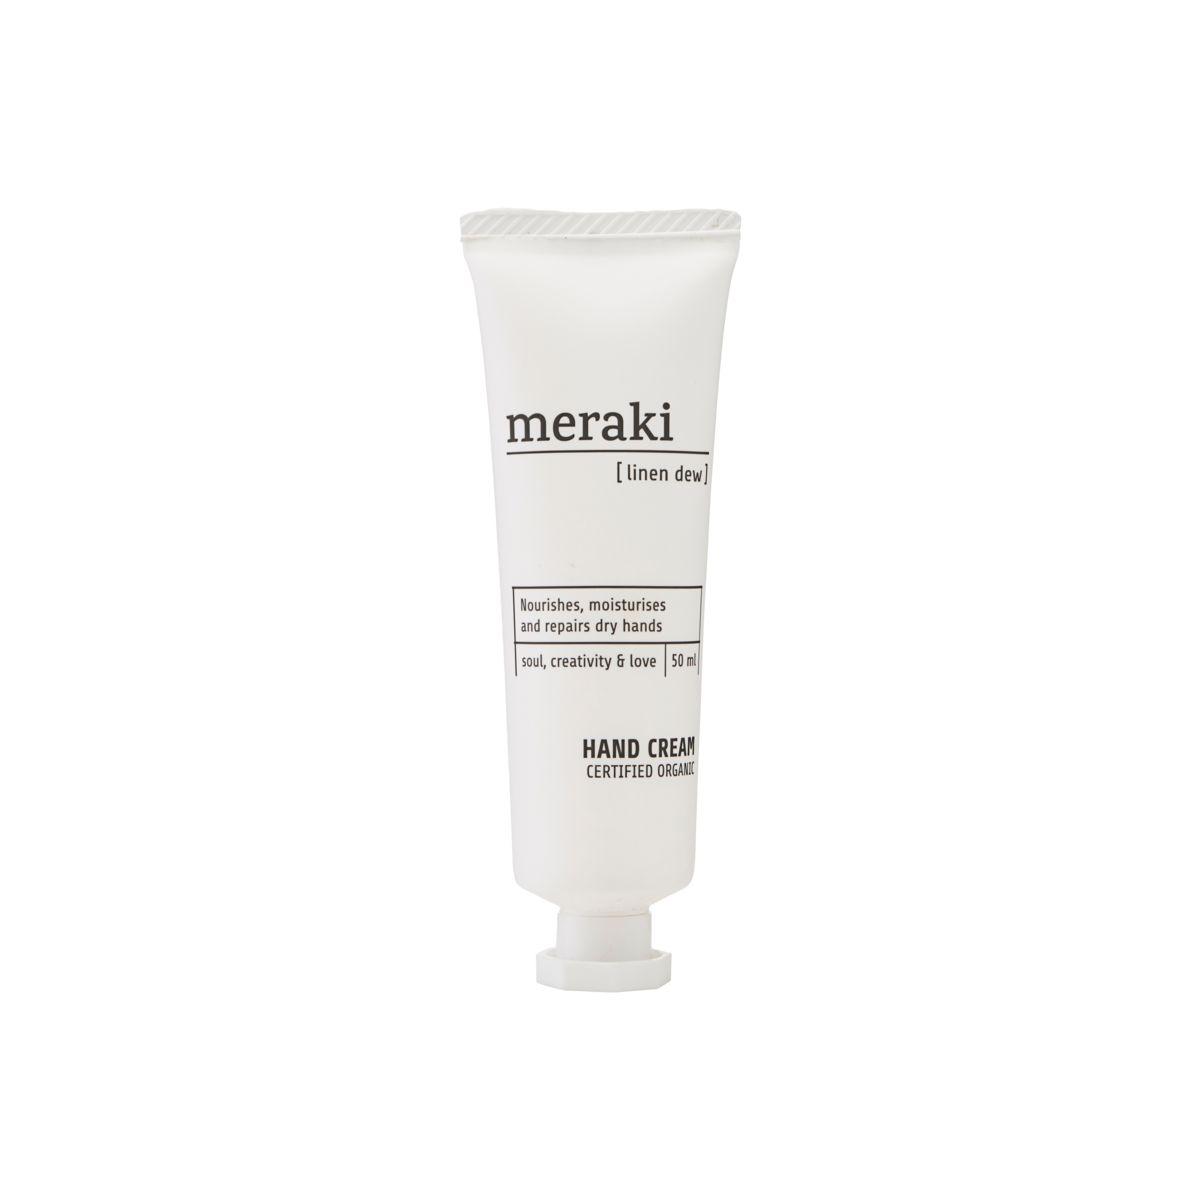 Meraki Linen dew Hand Cream